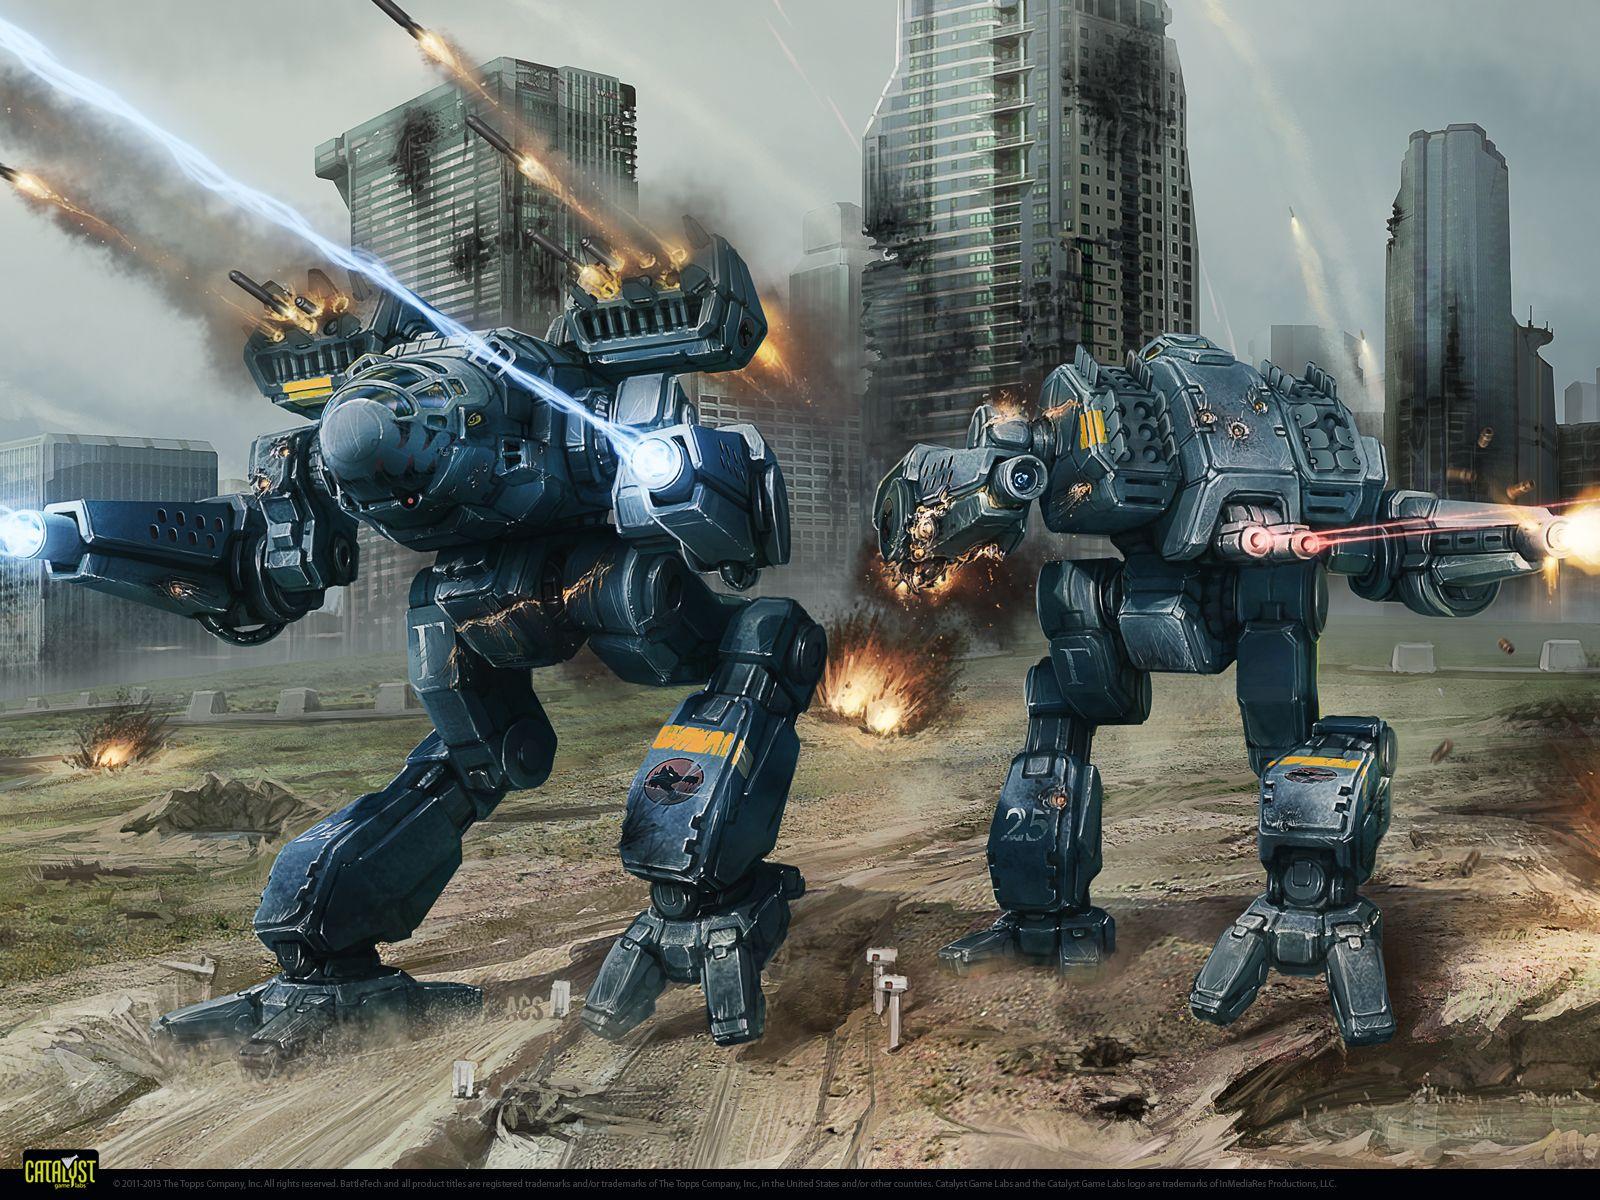 As Requested Battletech Mechwarrior Mech Giant Robots Battle Armor